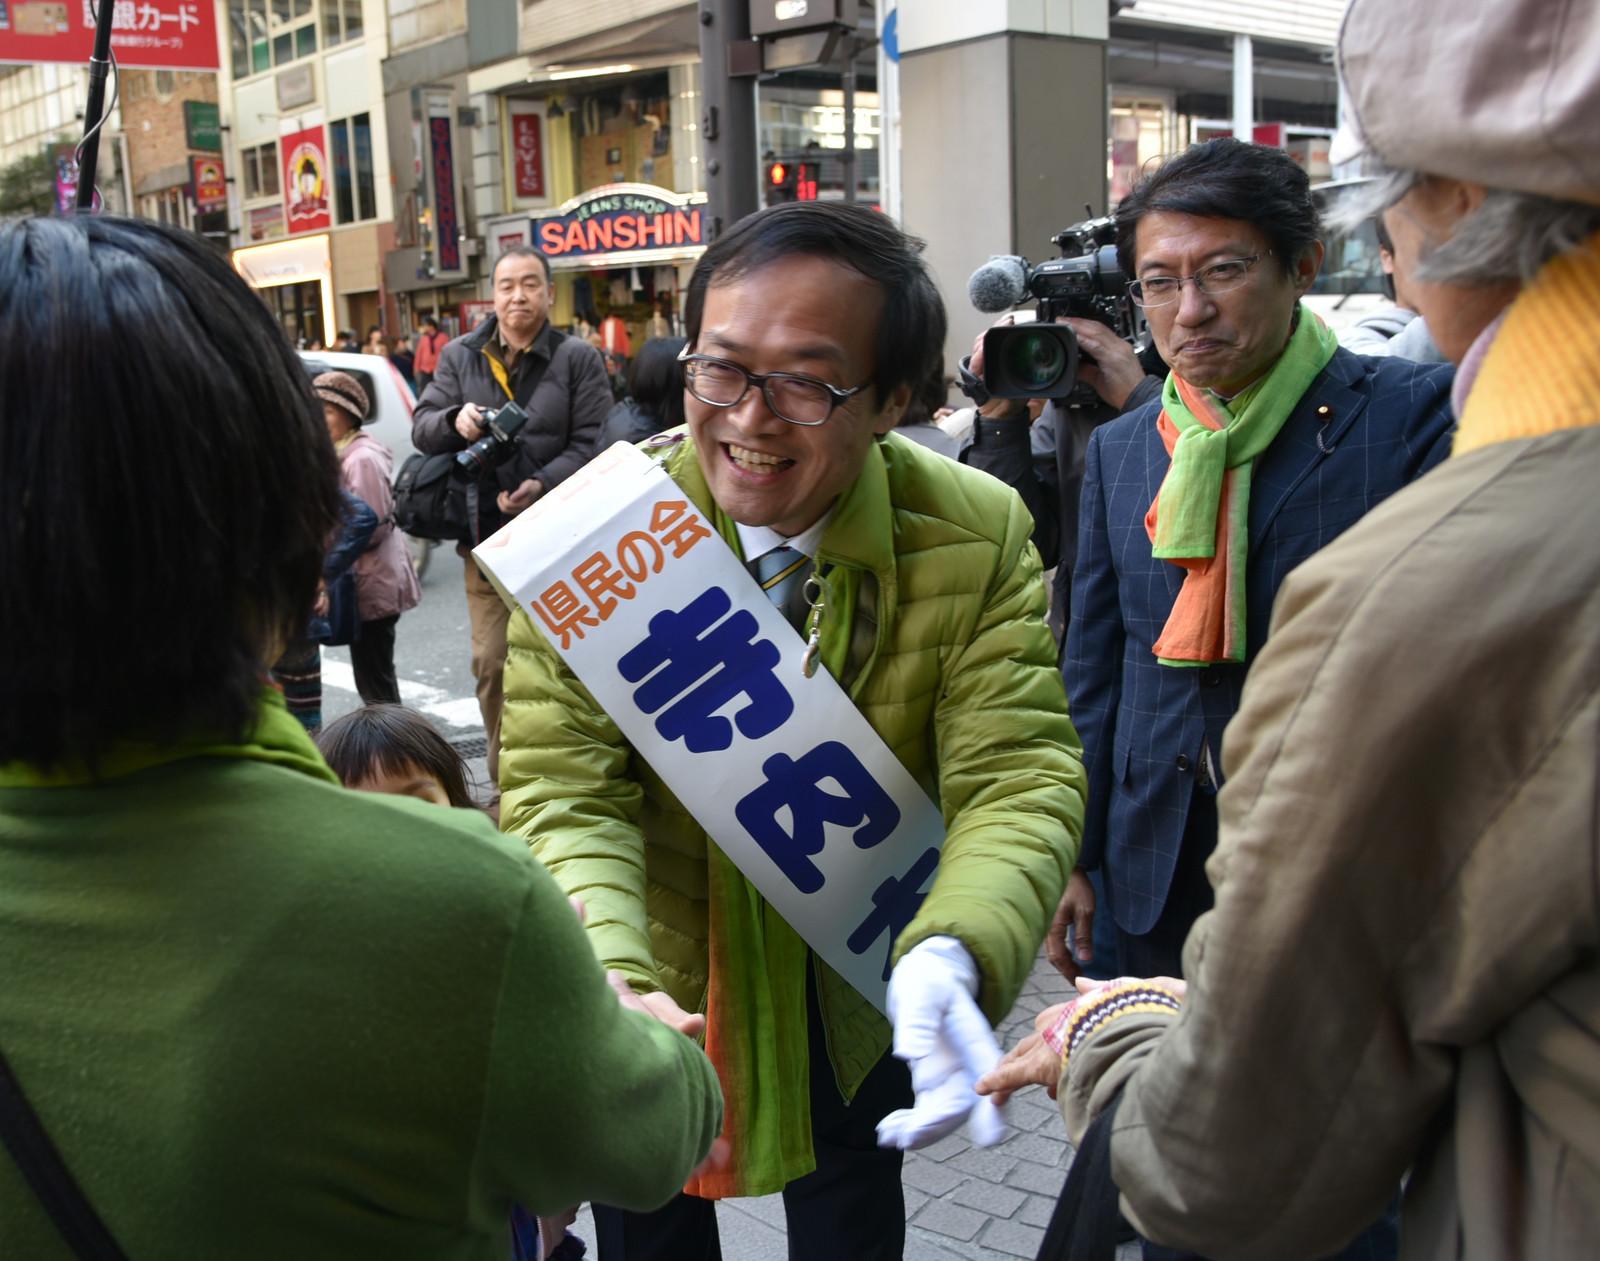 20160312演説を聞いた人たちにあいさつする(向かって左から)寺内候補と田村議員=12日、熊本市